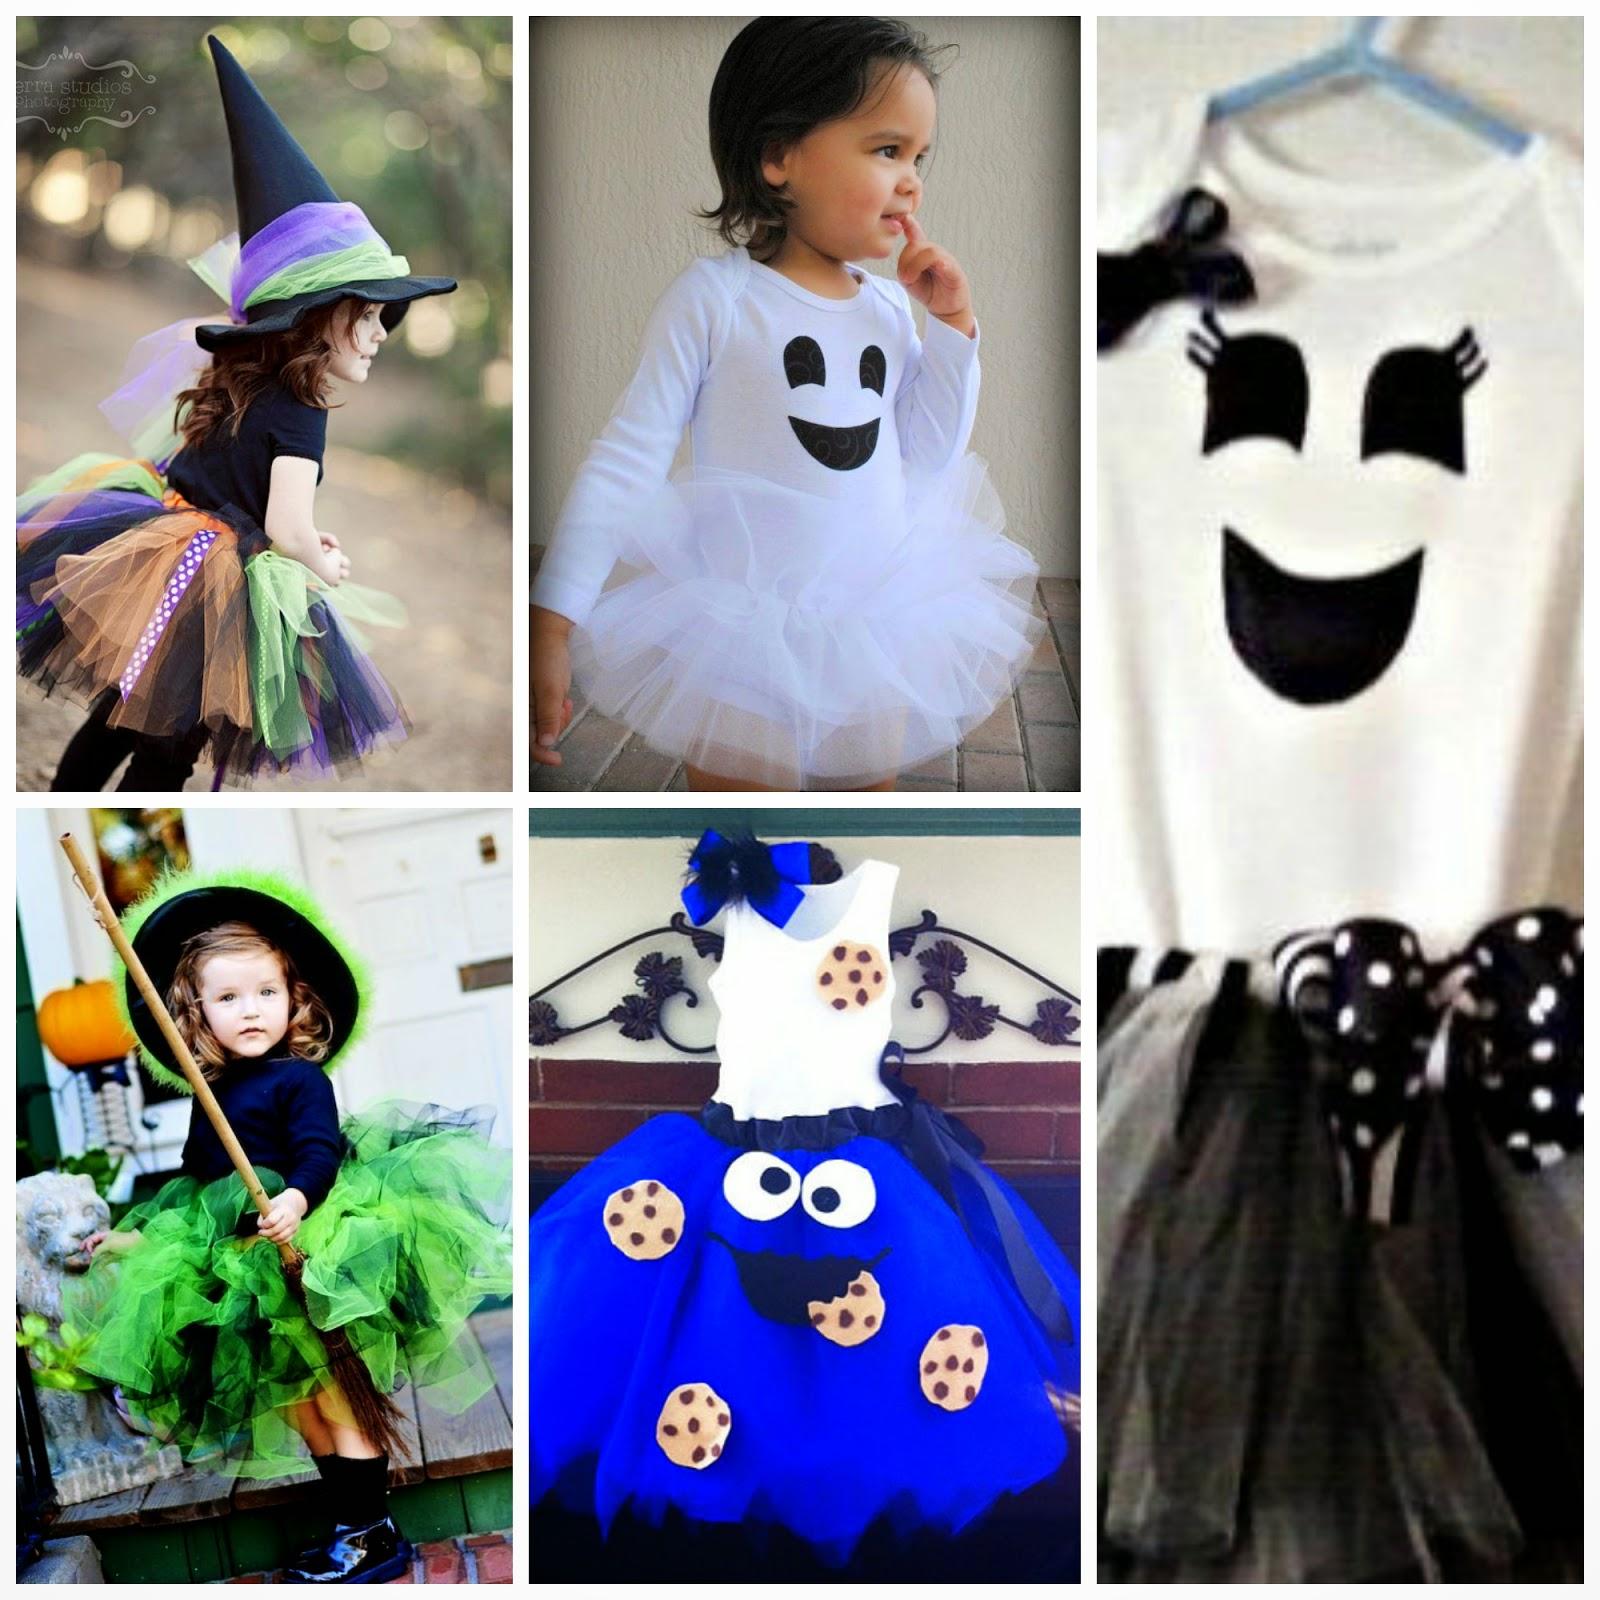 La mam novata ideas de disfraces para halloween - Ideas para hacer en halloween ...